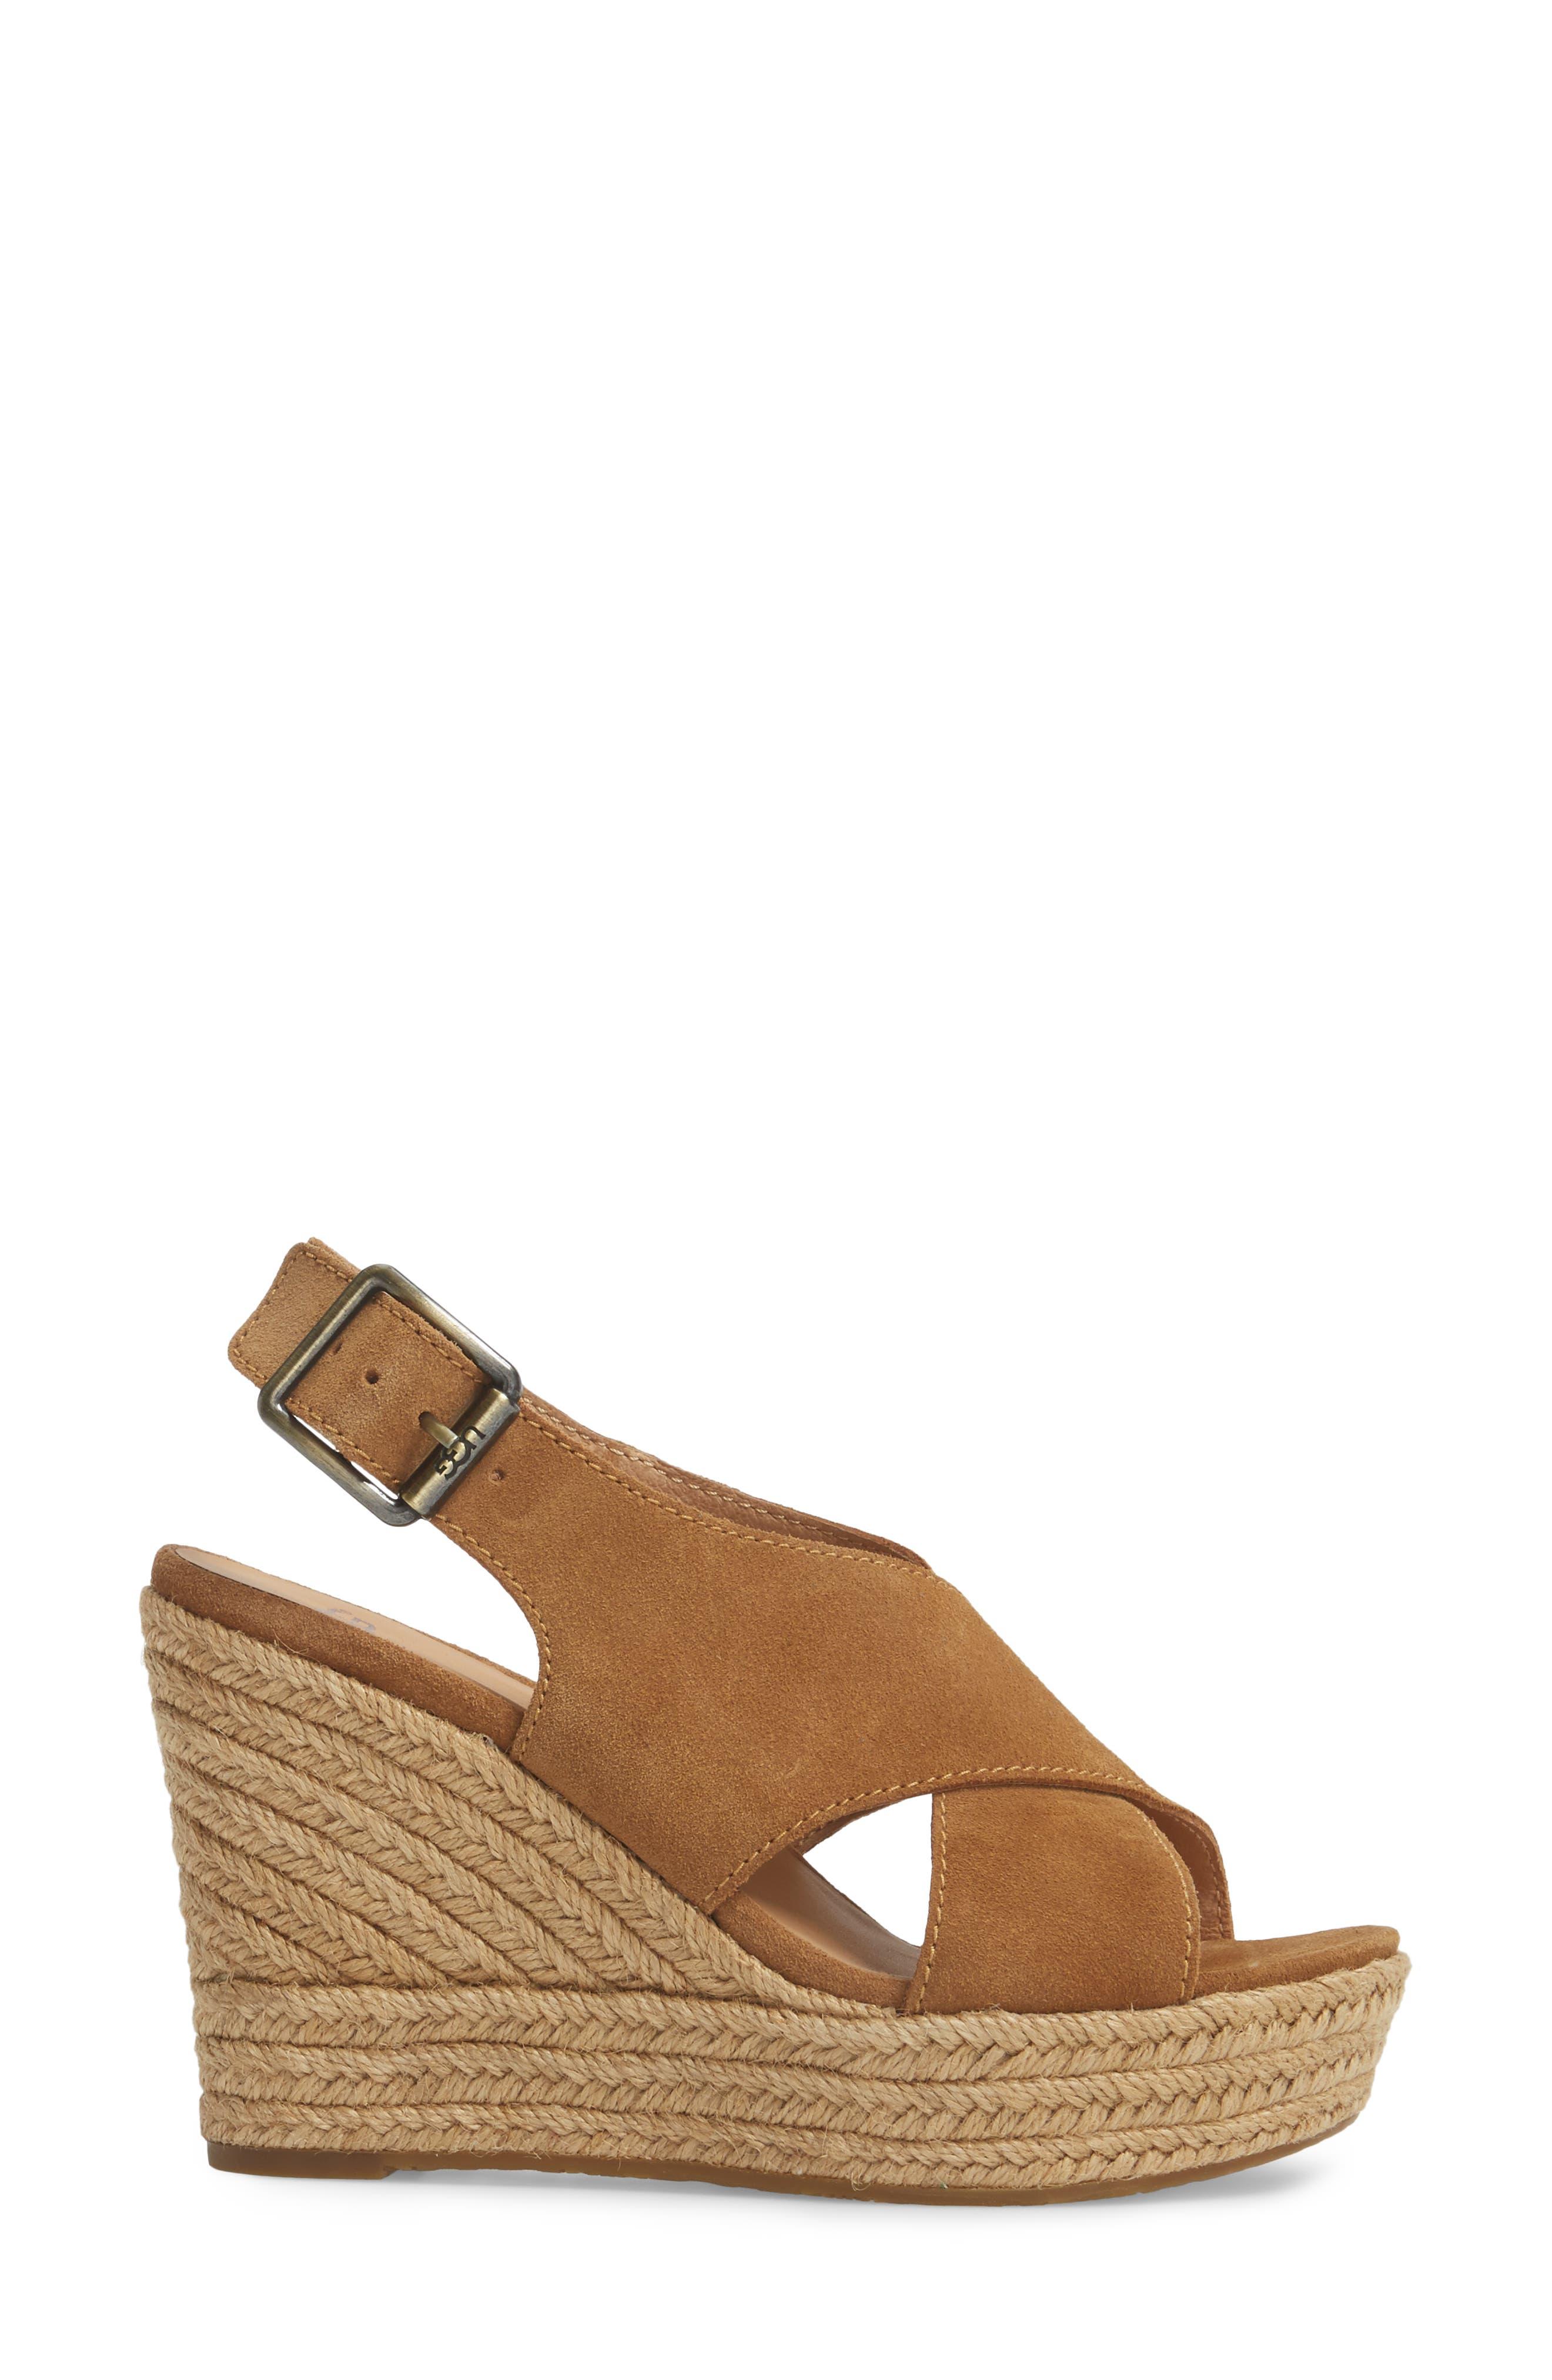 Harlow Platform Wedge Sandal,                             Alternate thumbnail 3, color,                             CHESTNUT SUEDE